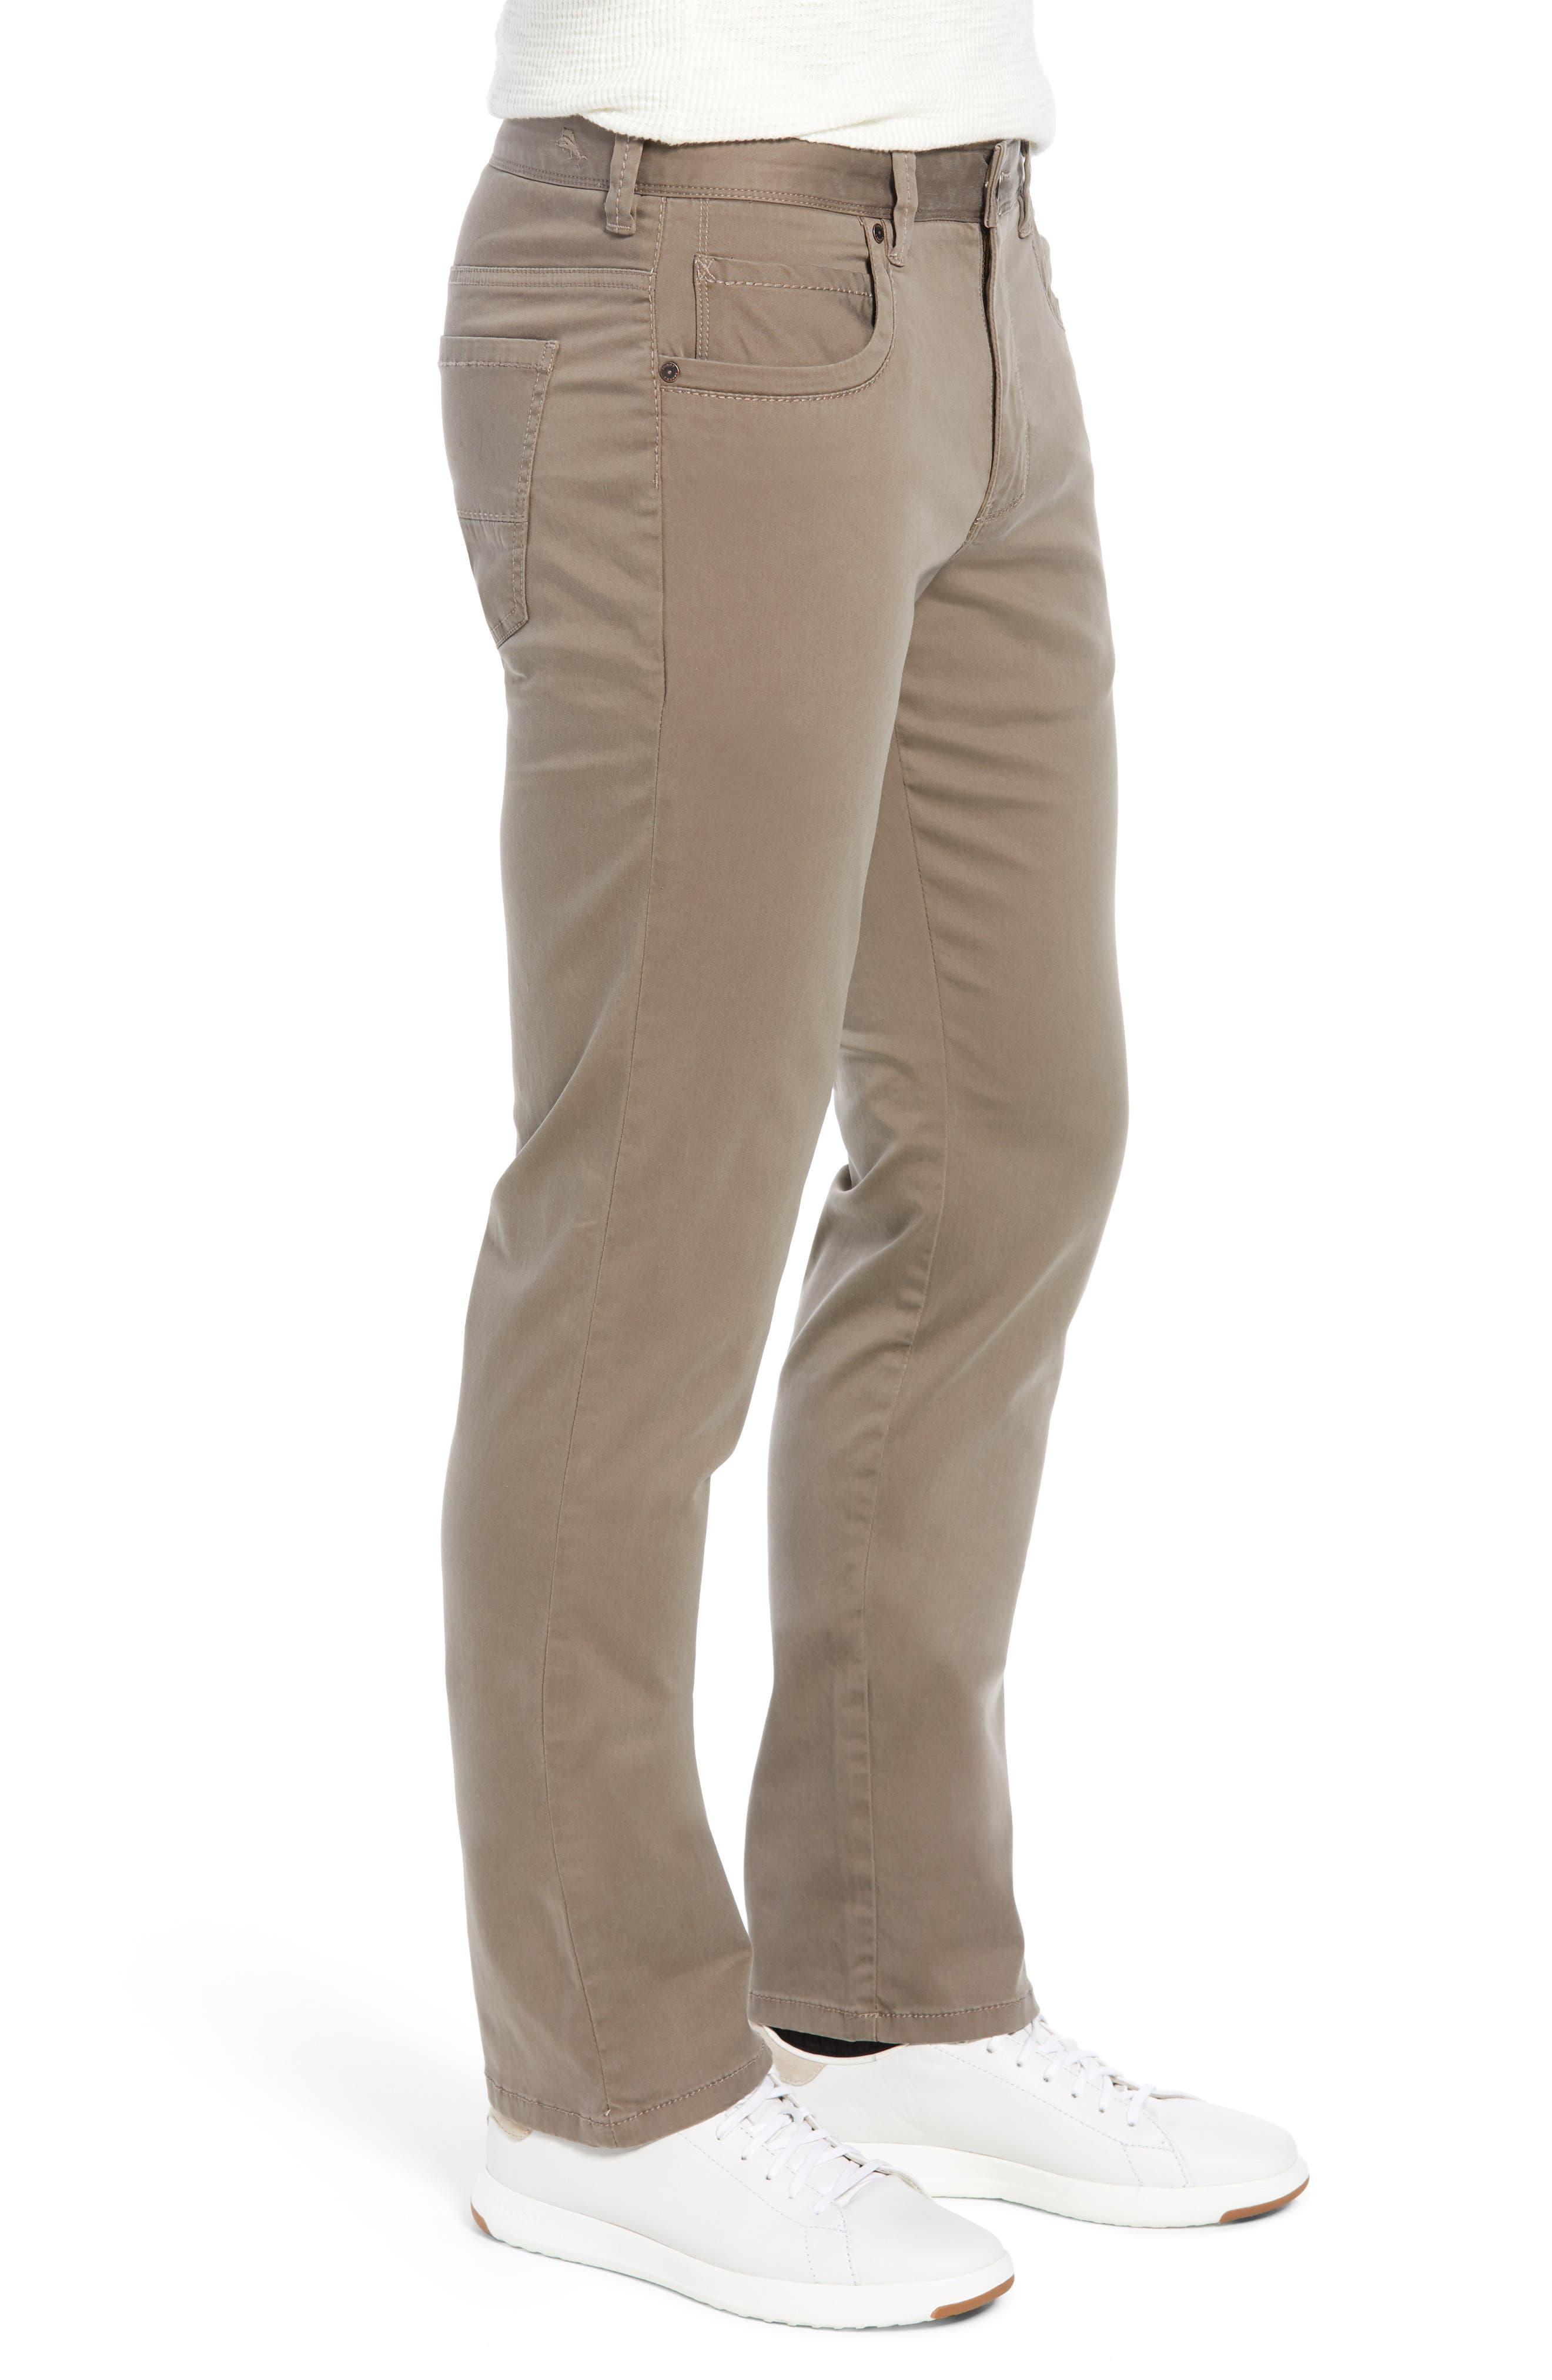 Boracay Pants,                             Alternate thumbnail 3, color,                             BISON